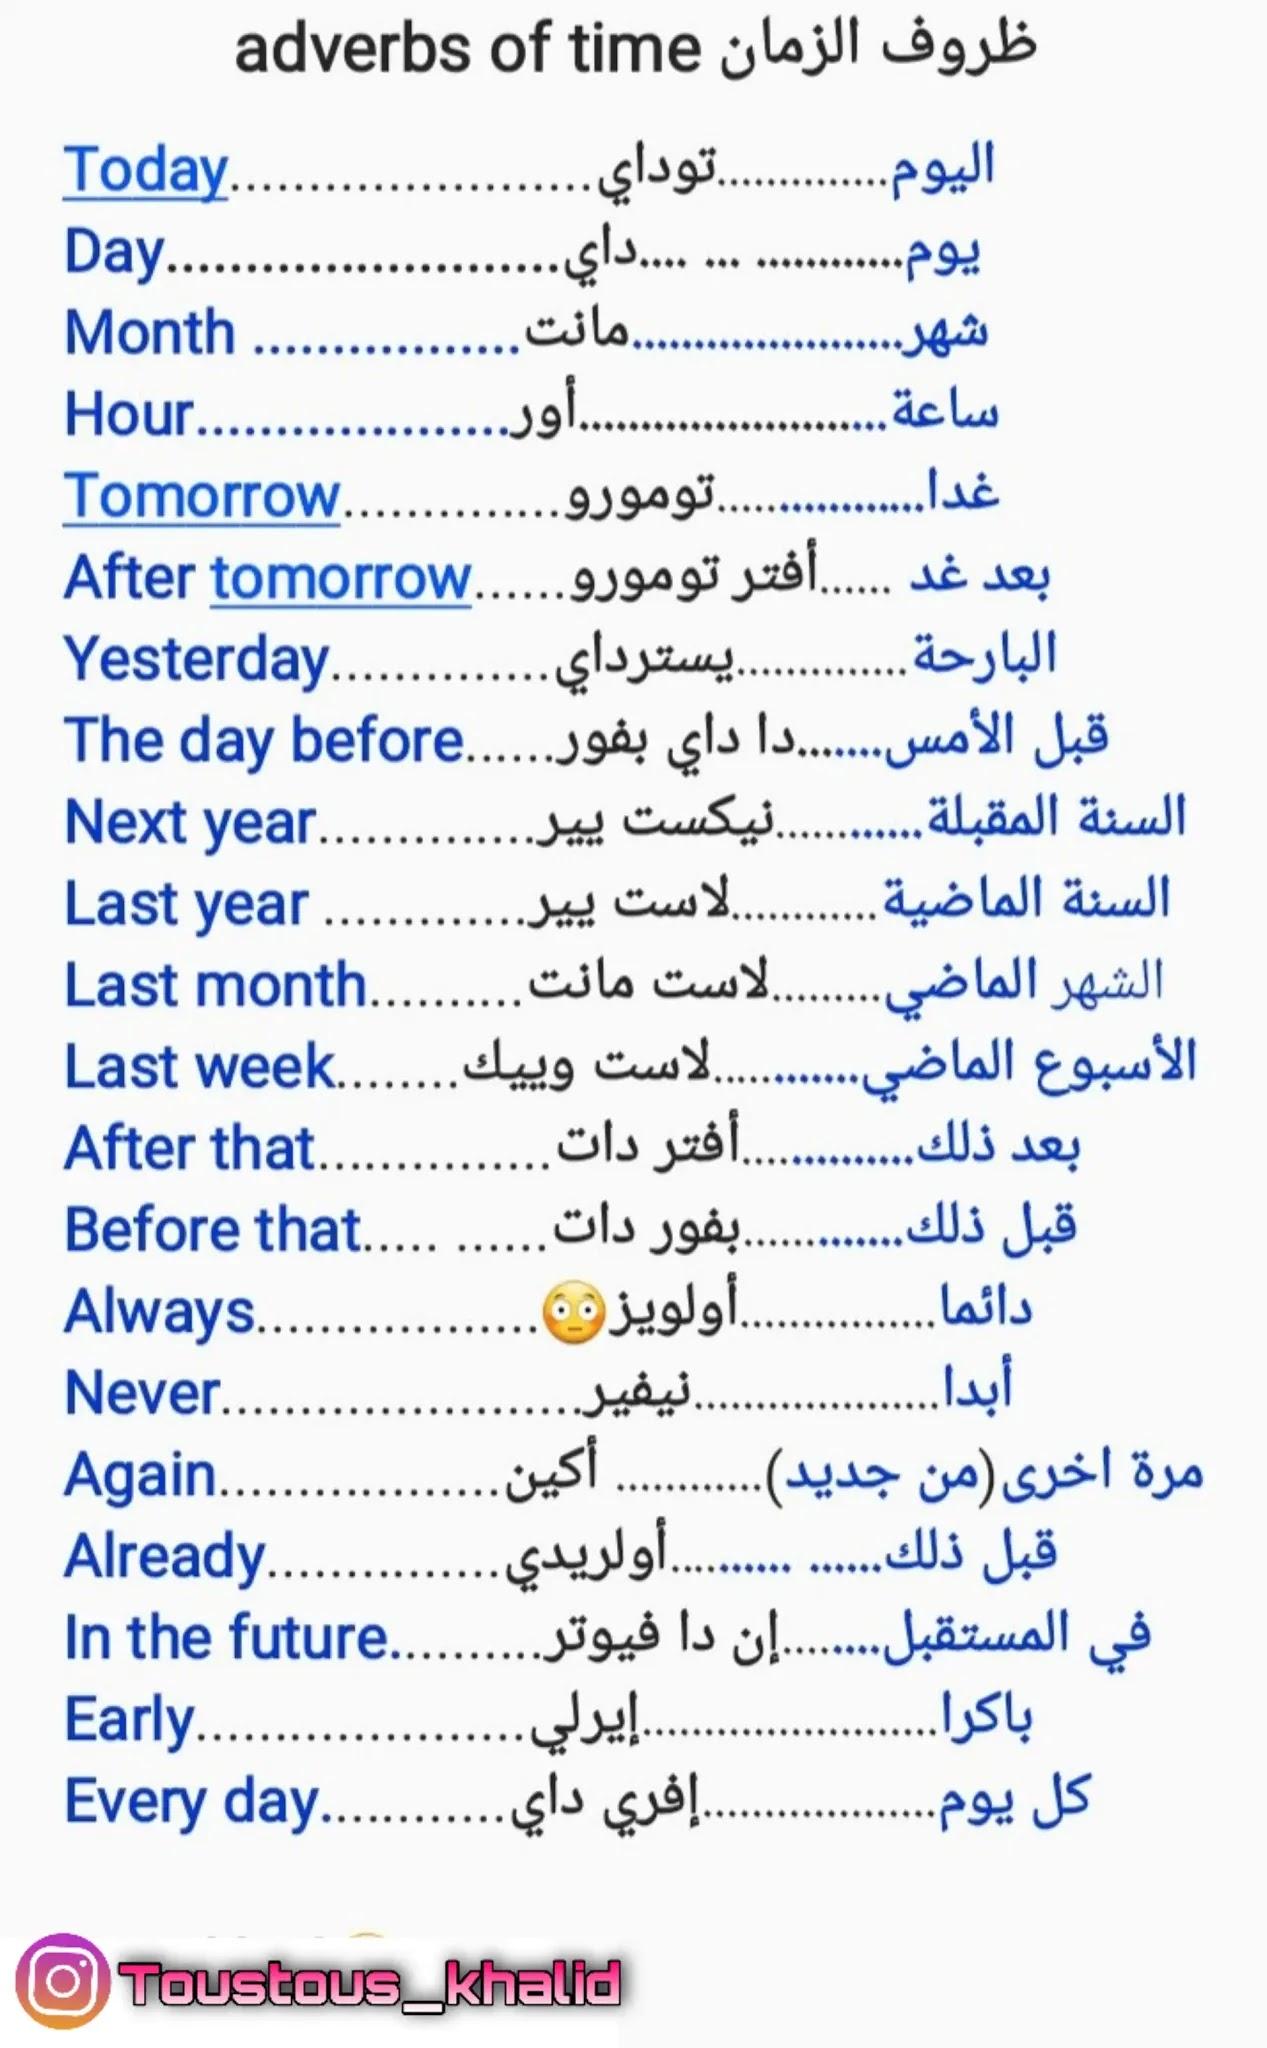 ظروف الزمان والمكان Adverbs of time and place